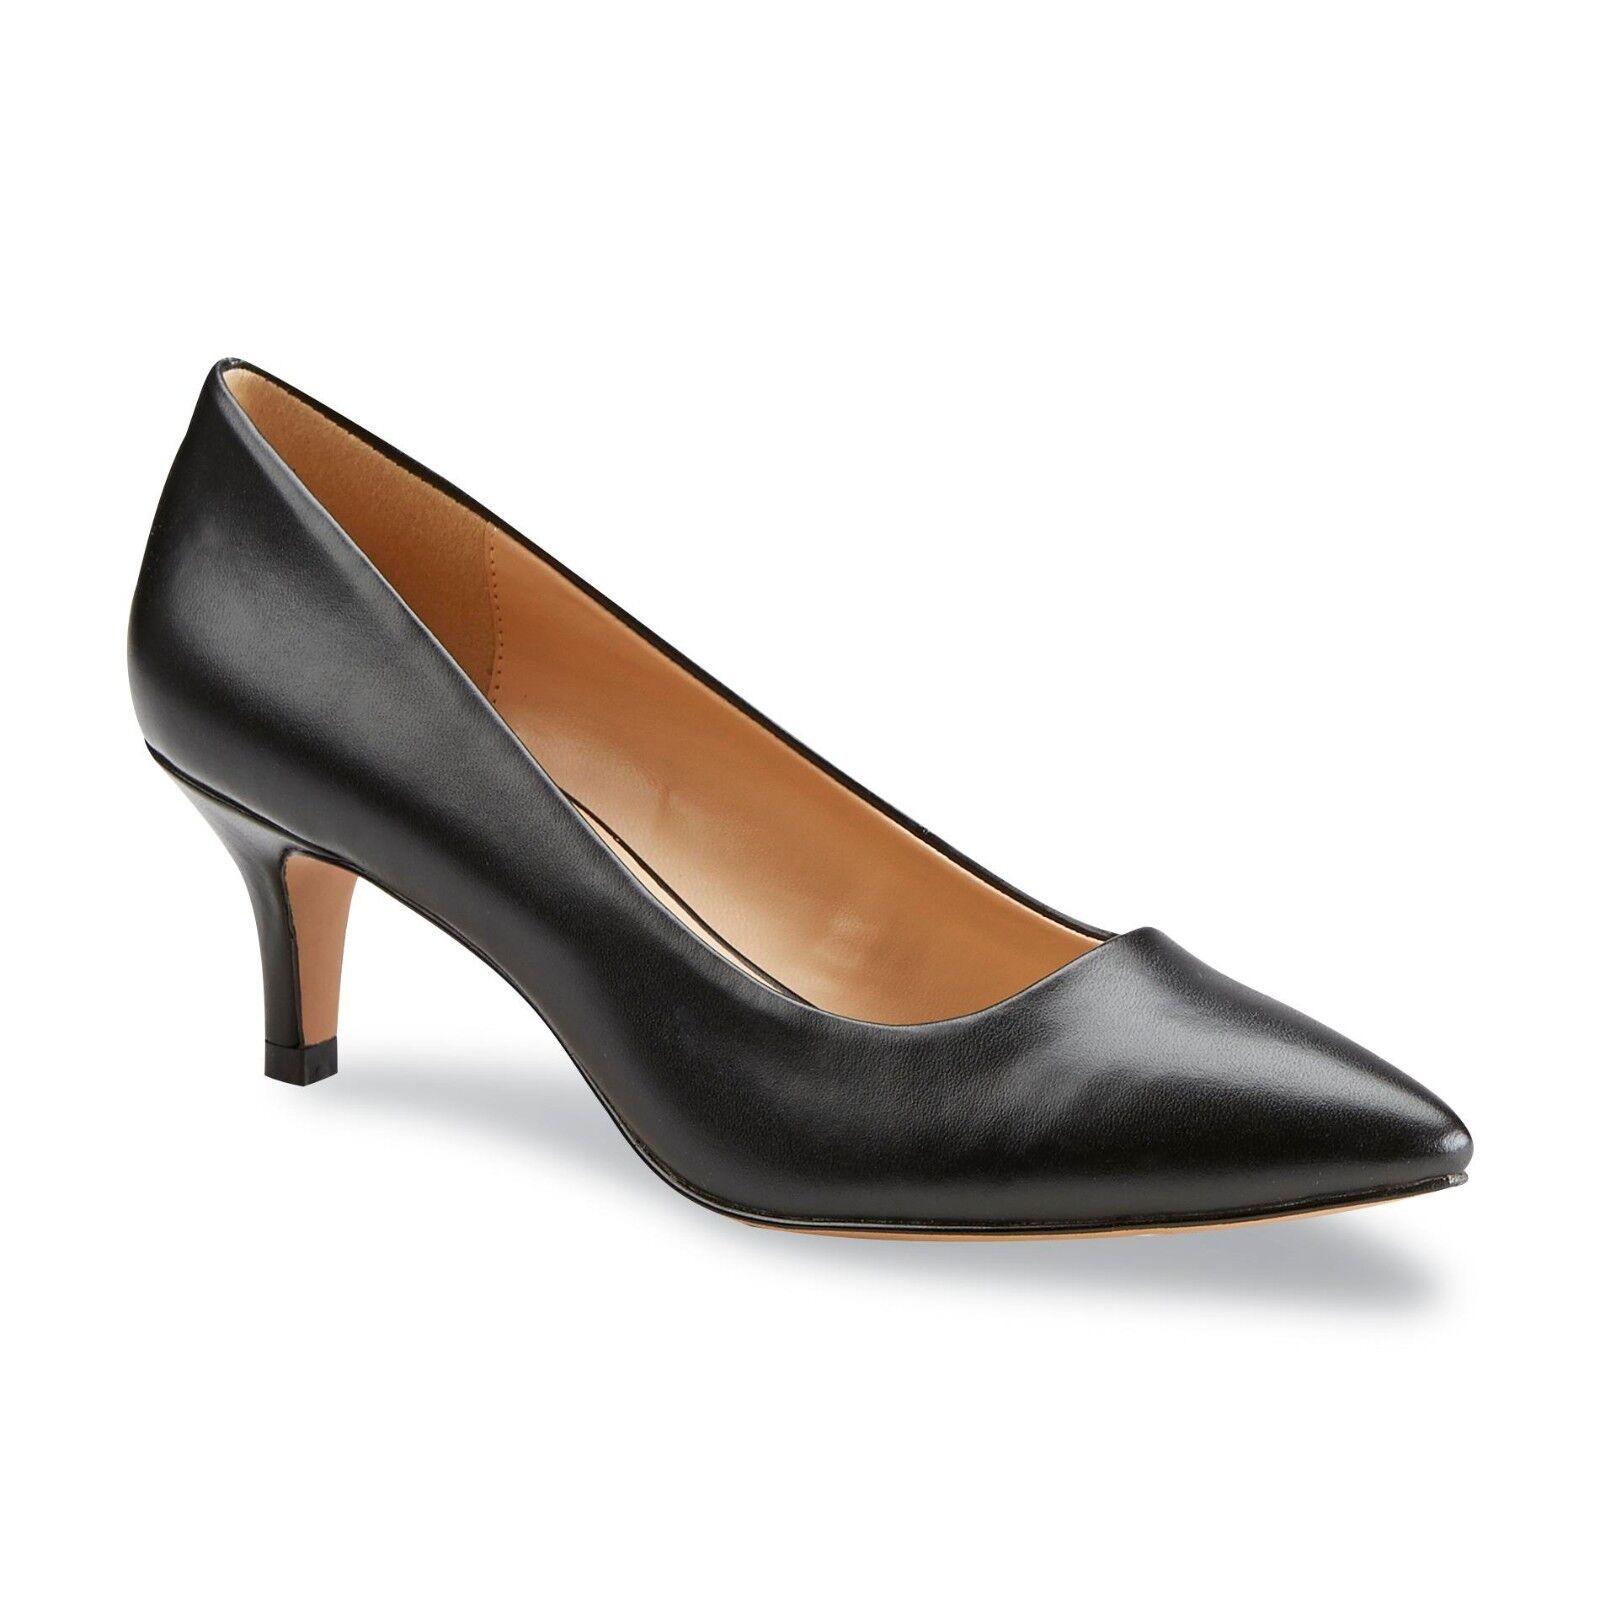 Covington Women's Mia Black Faux Leather Pump shoes Size 8, 8.5 or 9 Medium